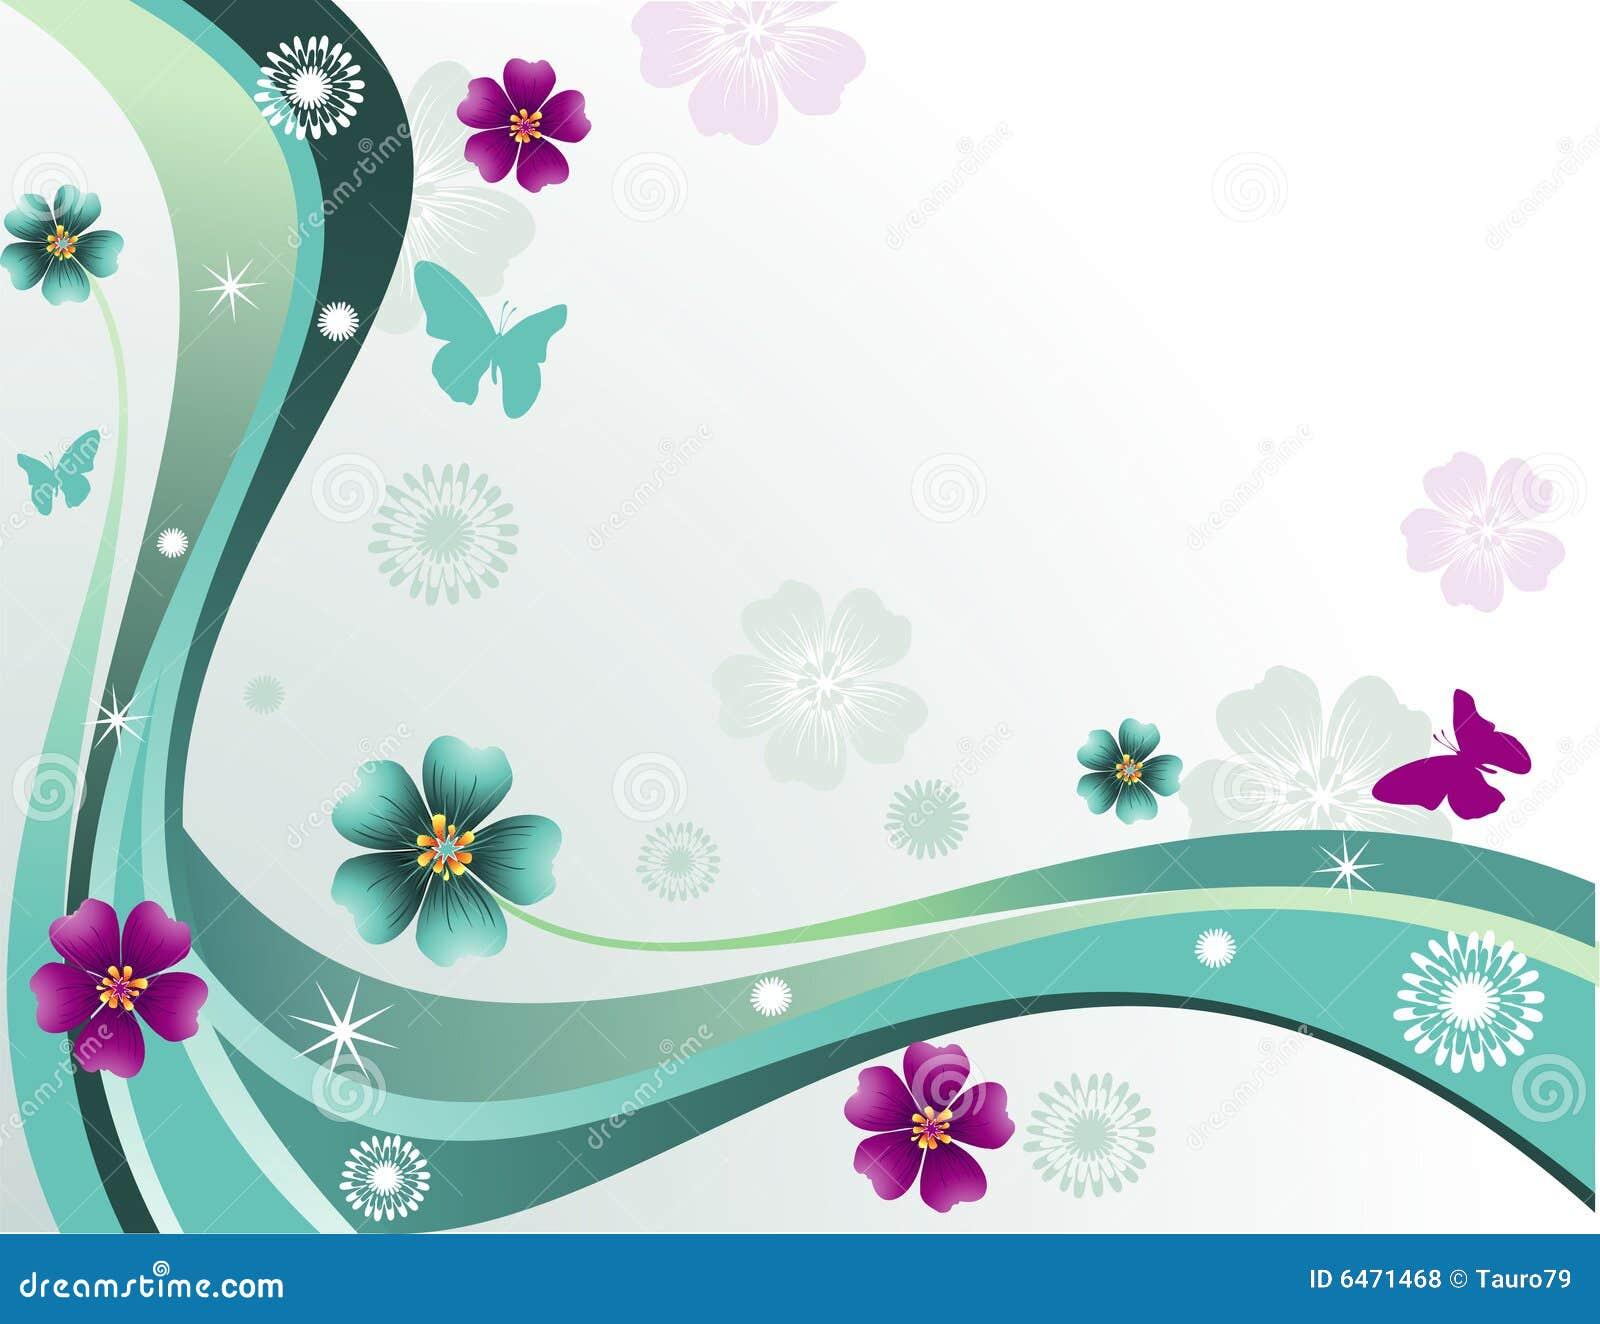 Kwiat ilustracji wektora